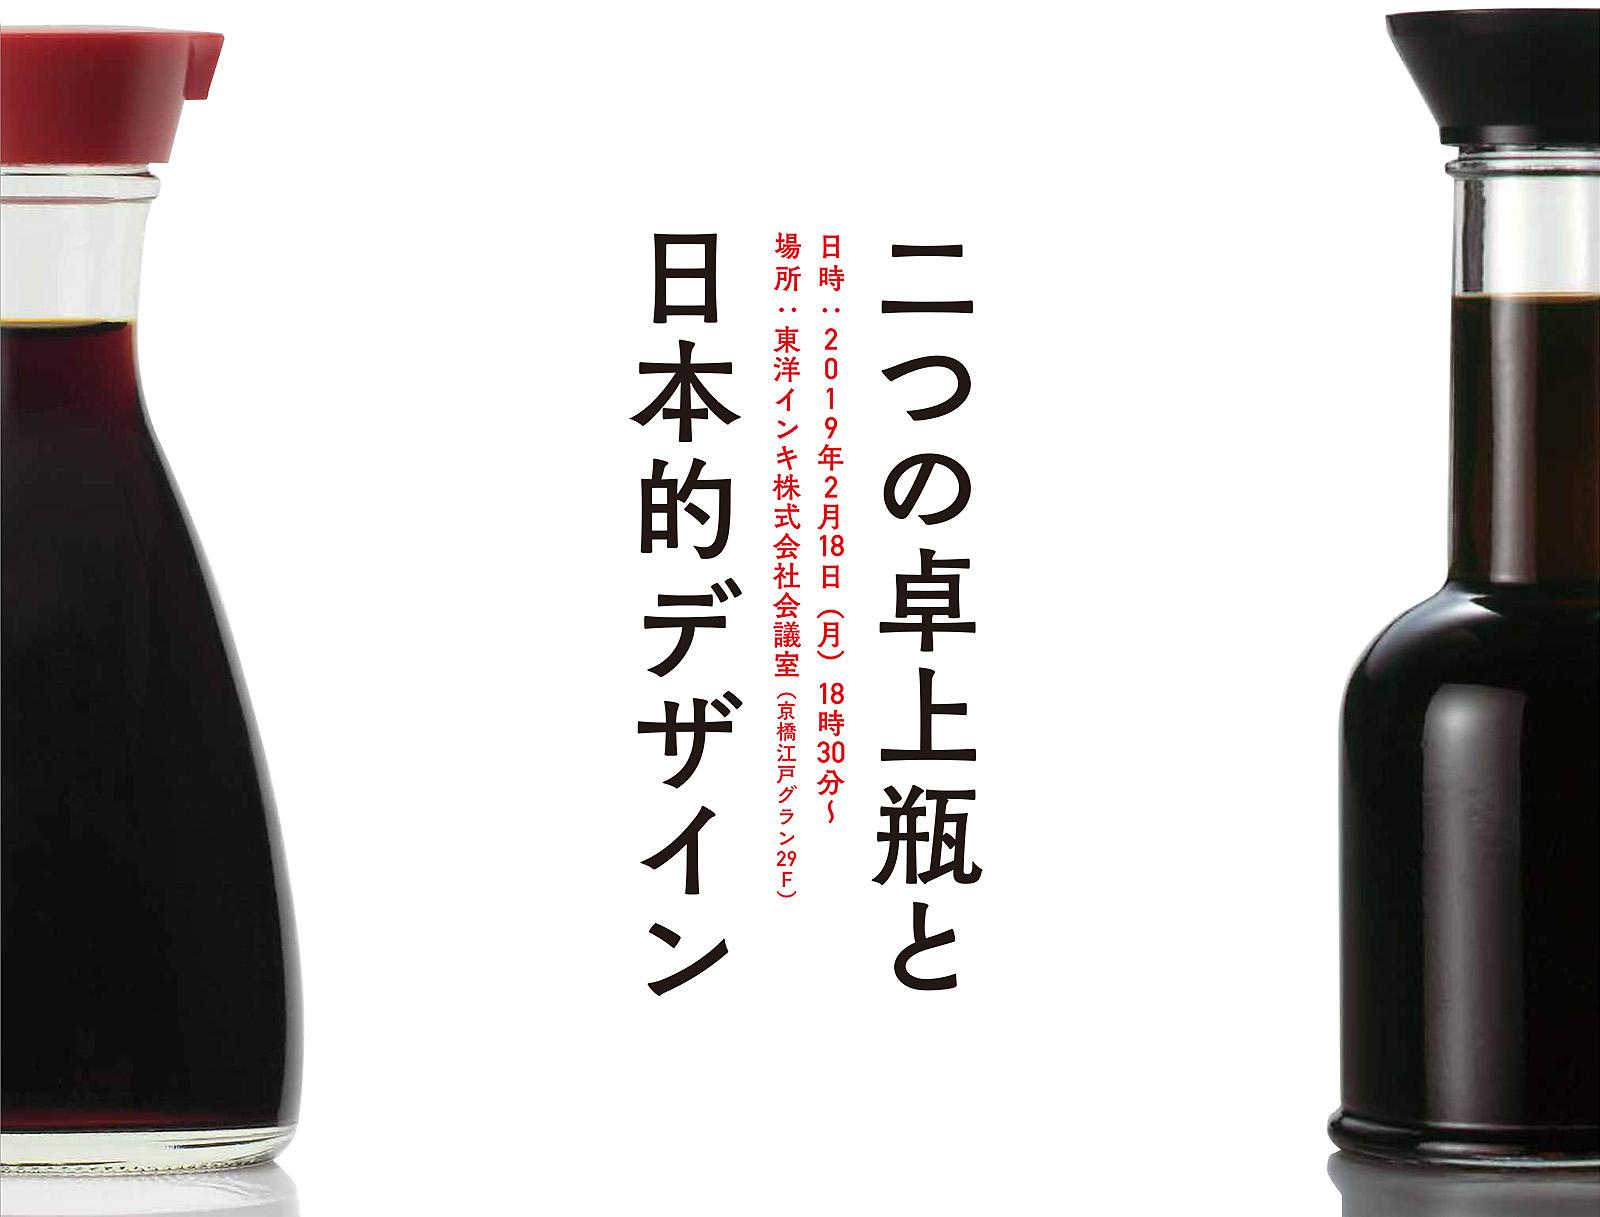 パッケージデザイン<覧古考新> 「二つの卓上瓶と日本的デザイン」のイメージ